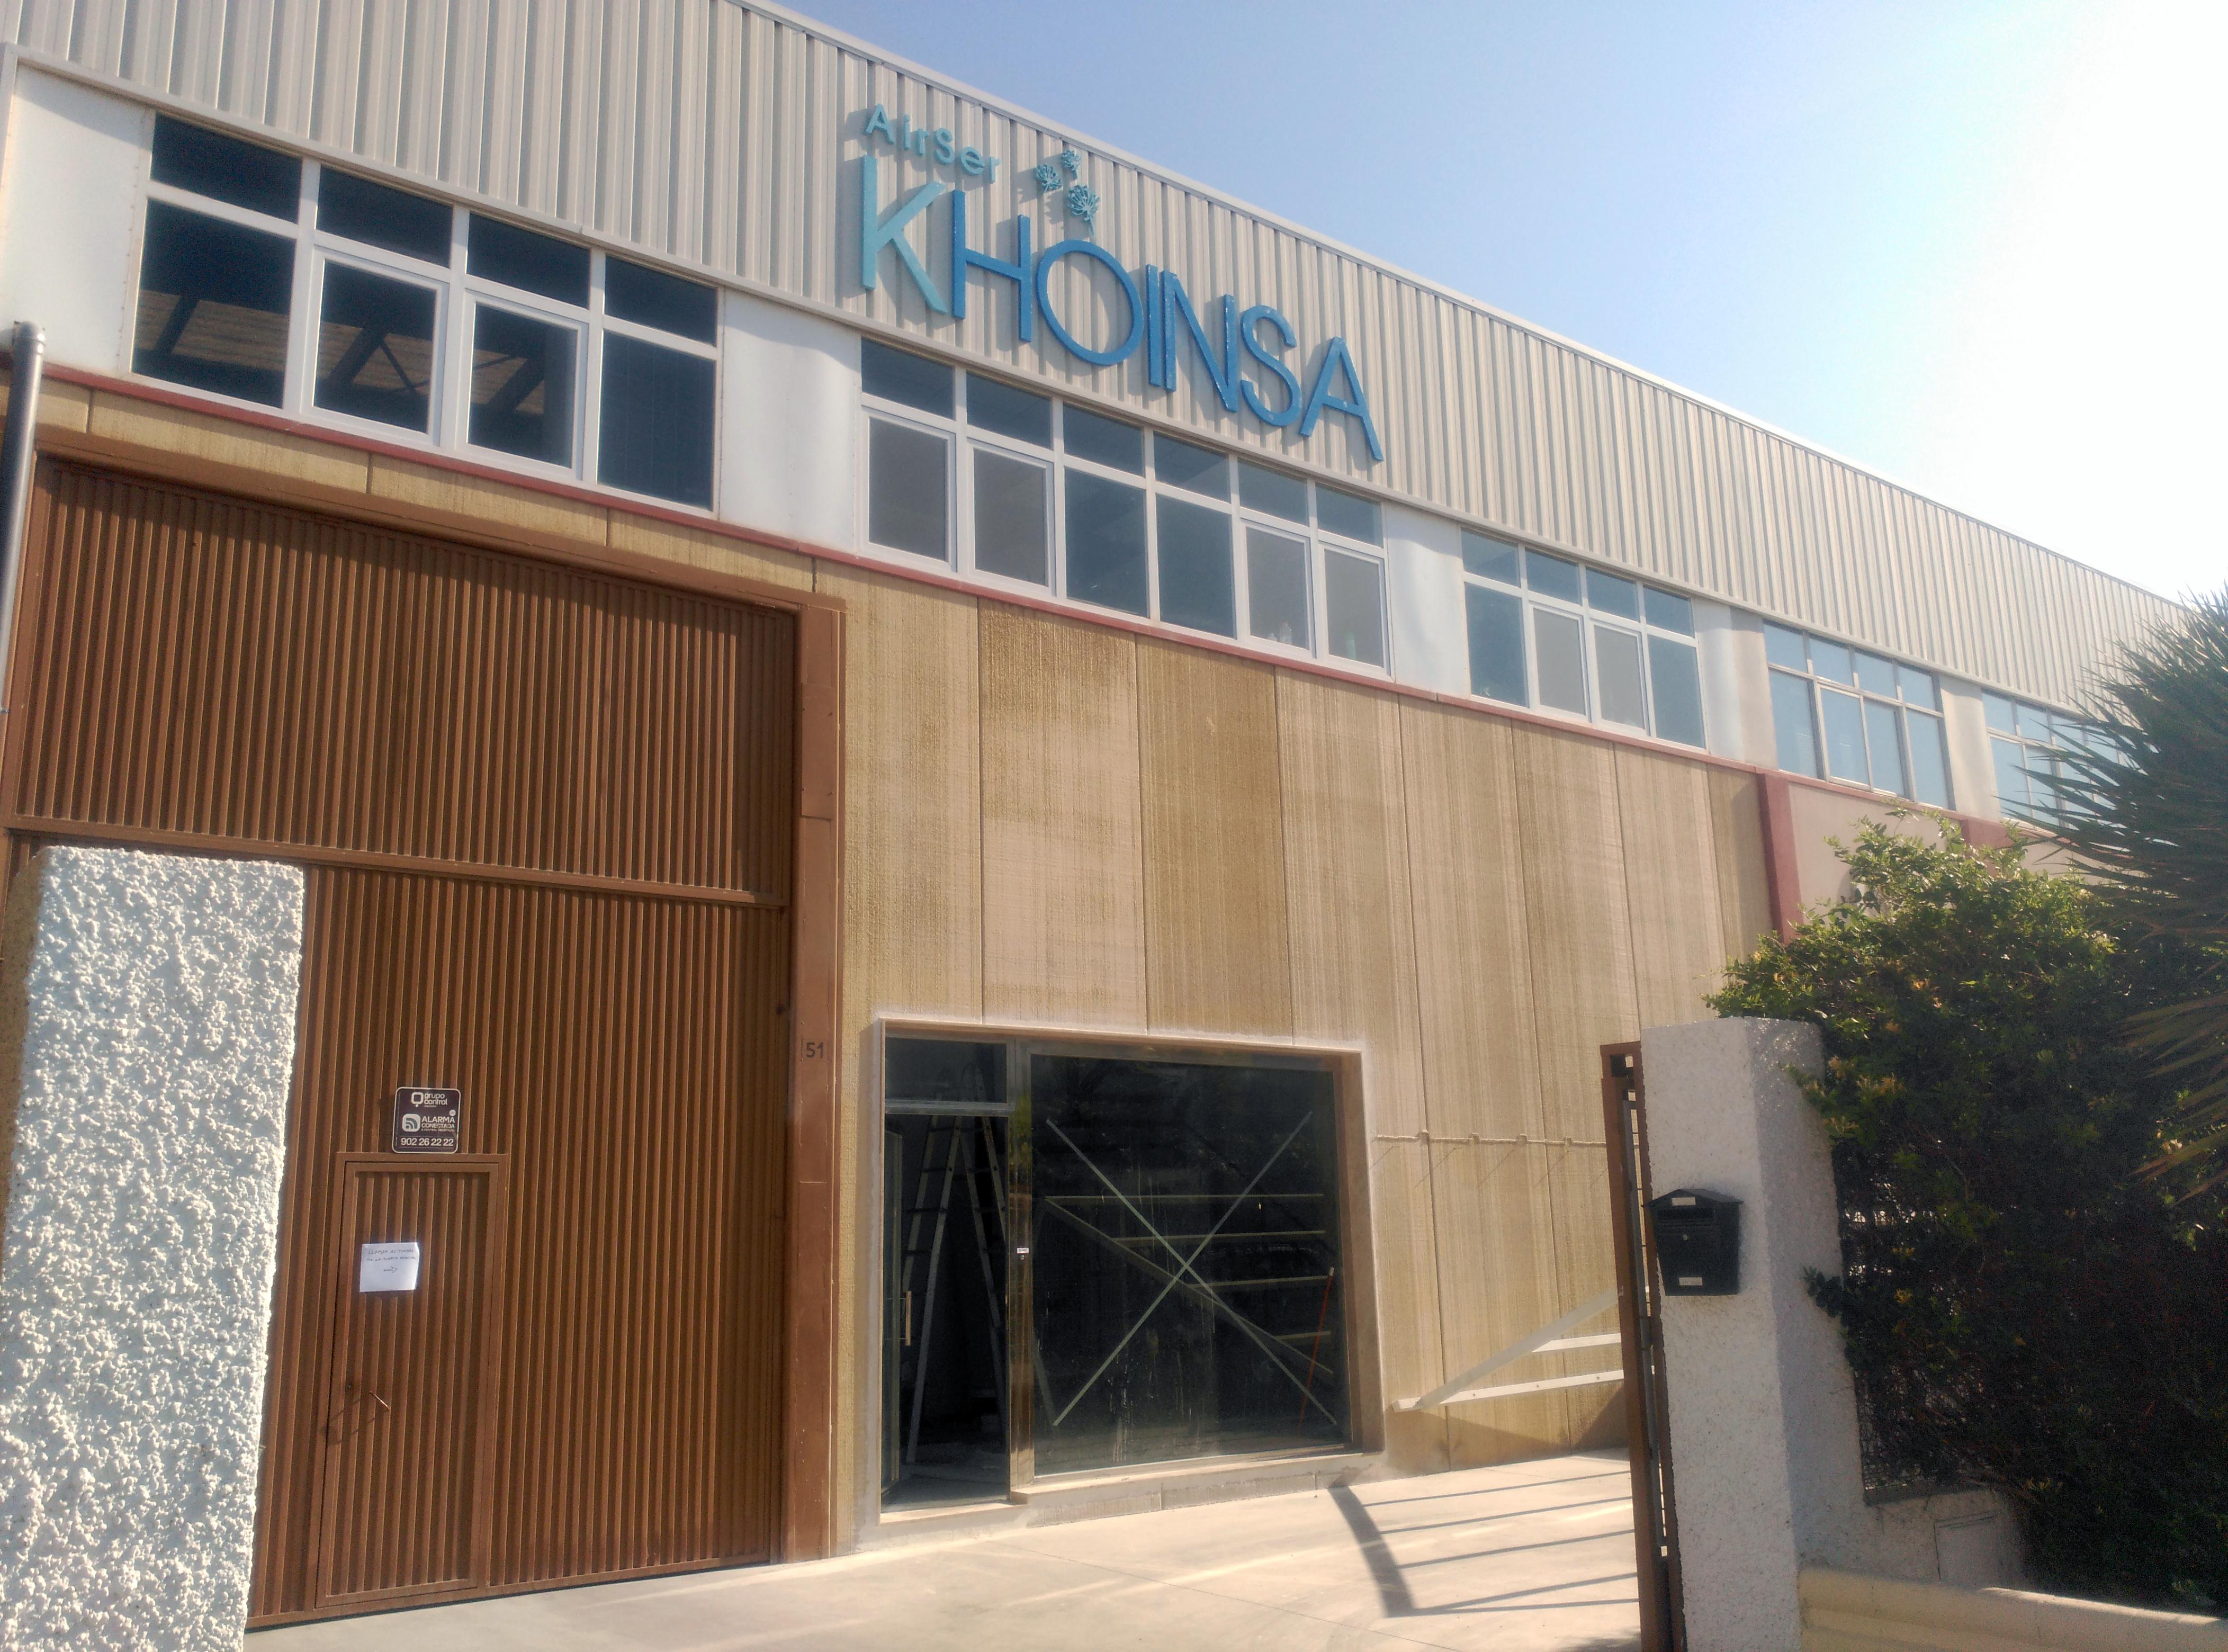 Fachada de la nave de airser khoinsa, aire acondicionado almería, nuevas instalaciones